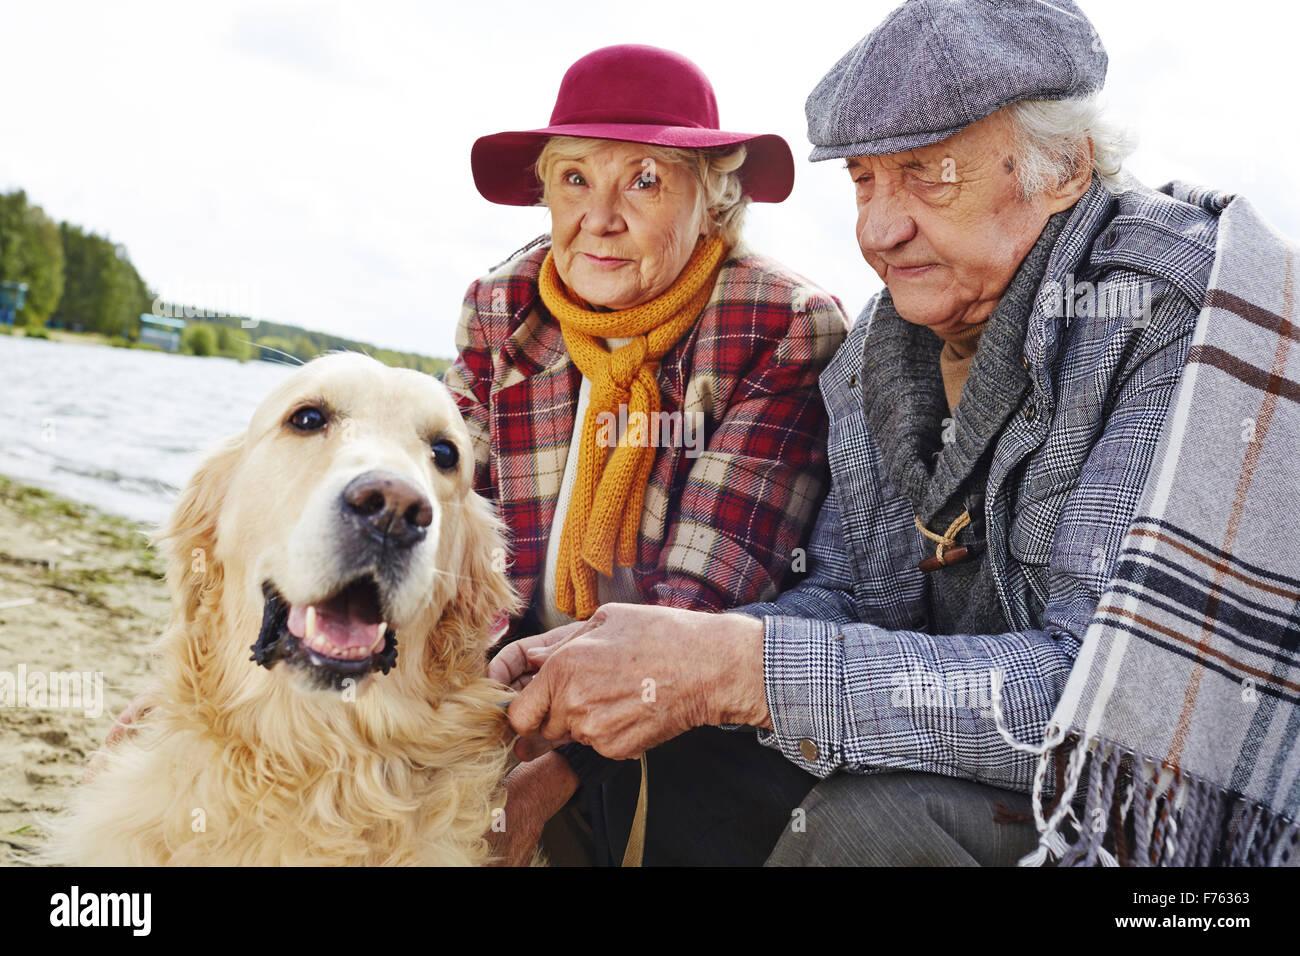 Pareja de jubilados y su mascota disfruta de descanso de fin de semana por la costa Imagen De Stock